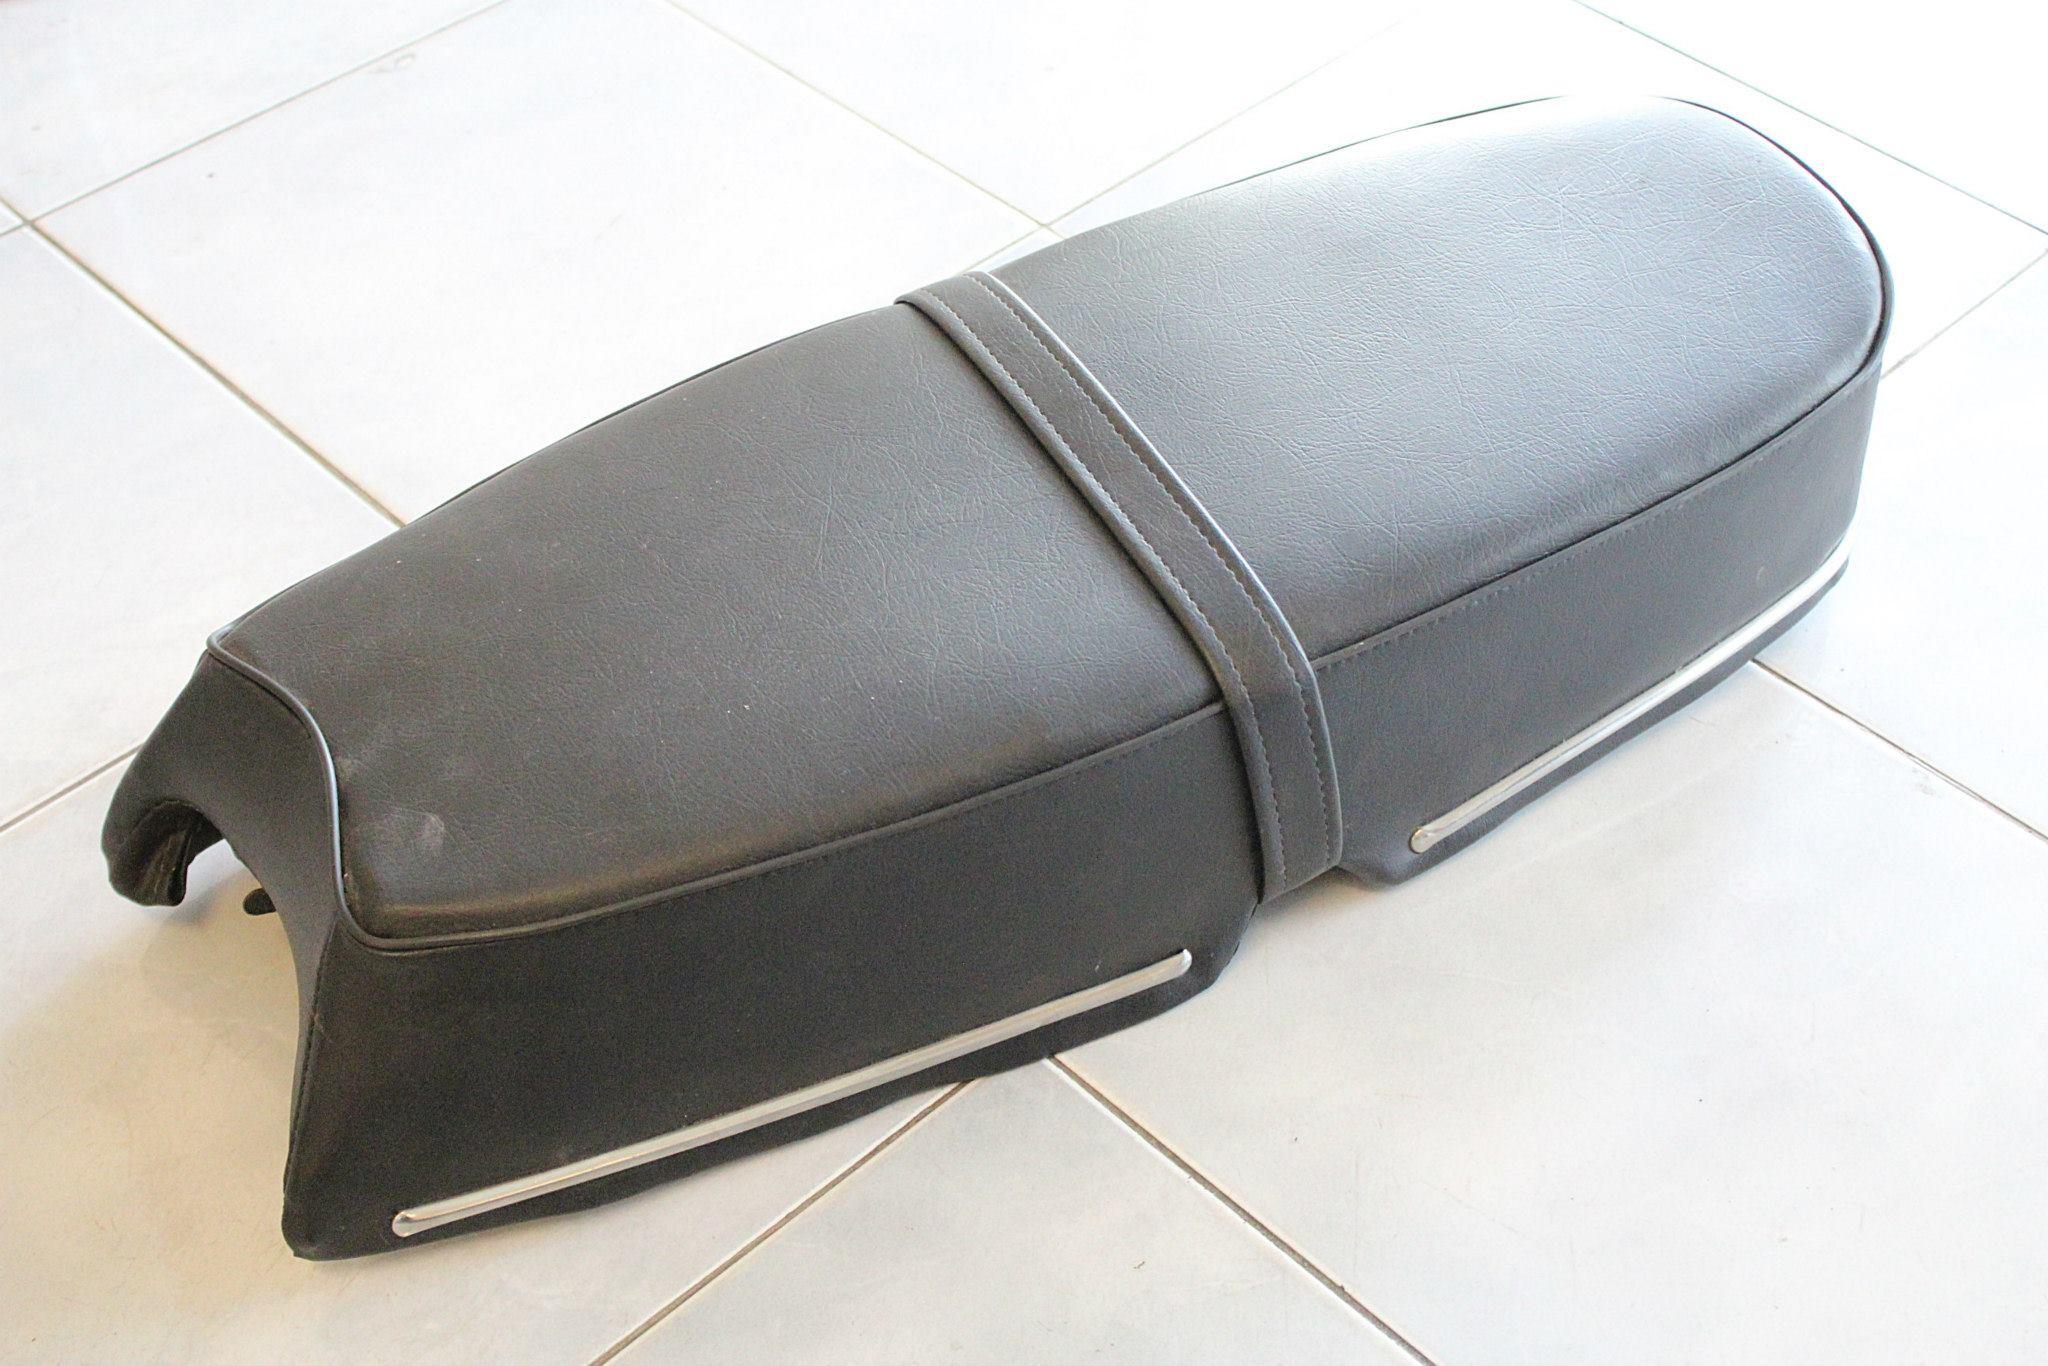 เบาะยาว มีคิ้ว Suzuki A100 มาร์ค2